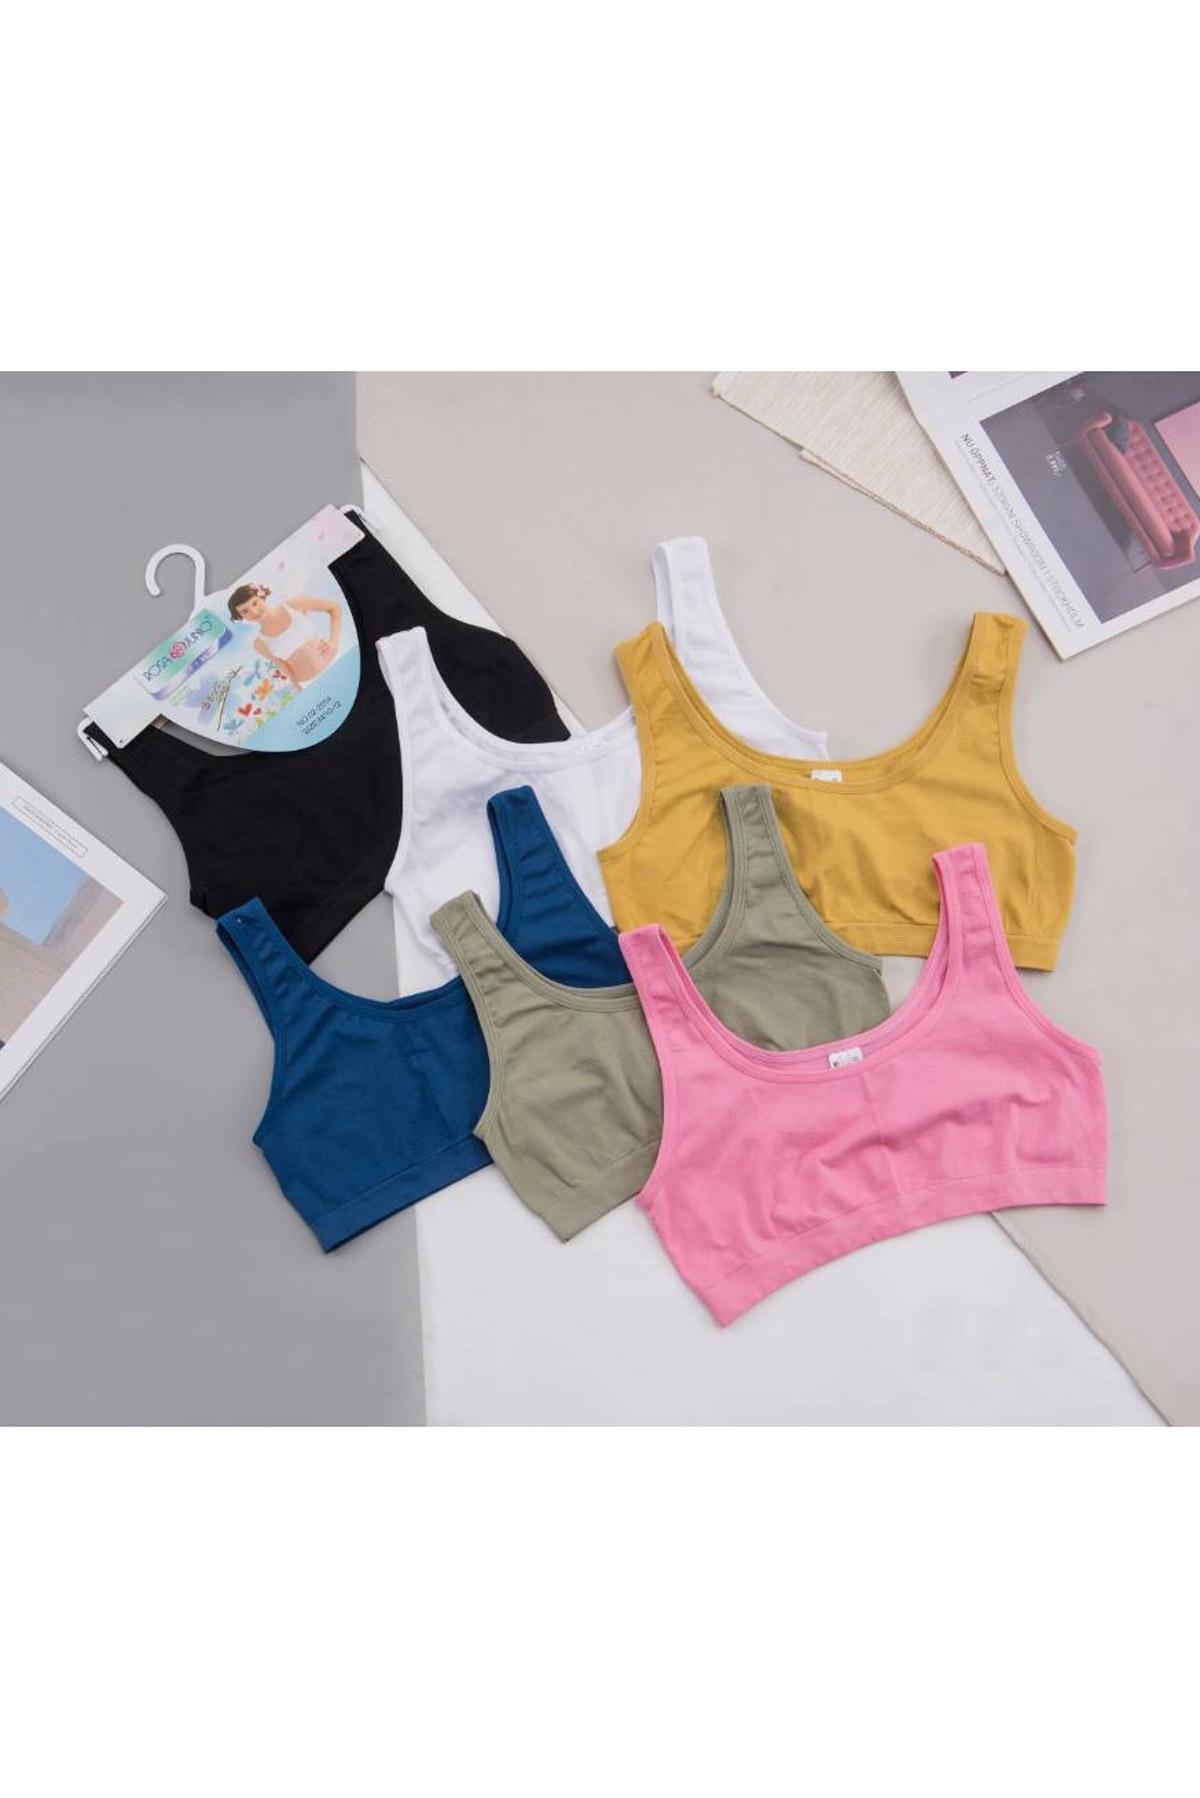 Sous-vêtements Enfant Couleurs mélangées PHENIX ROUGE (FENGYUN) 02-2054 #c eFashion Paris